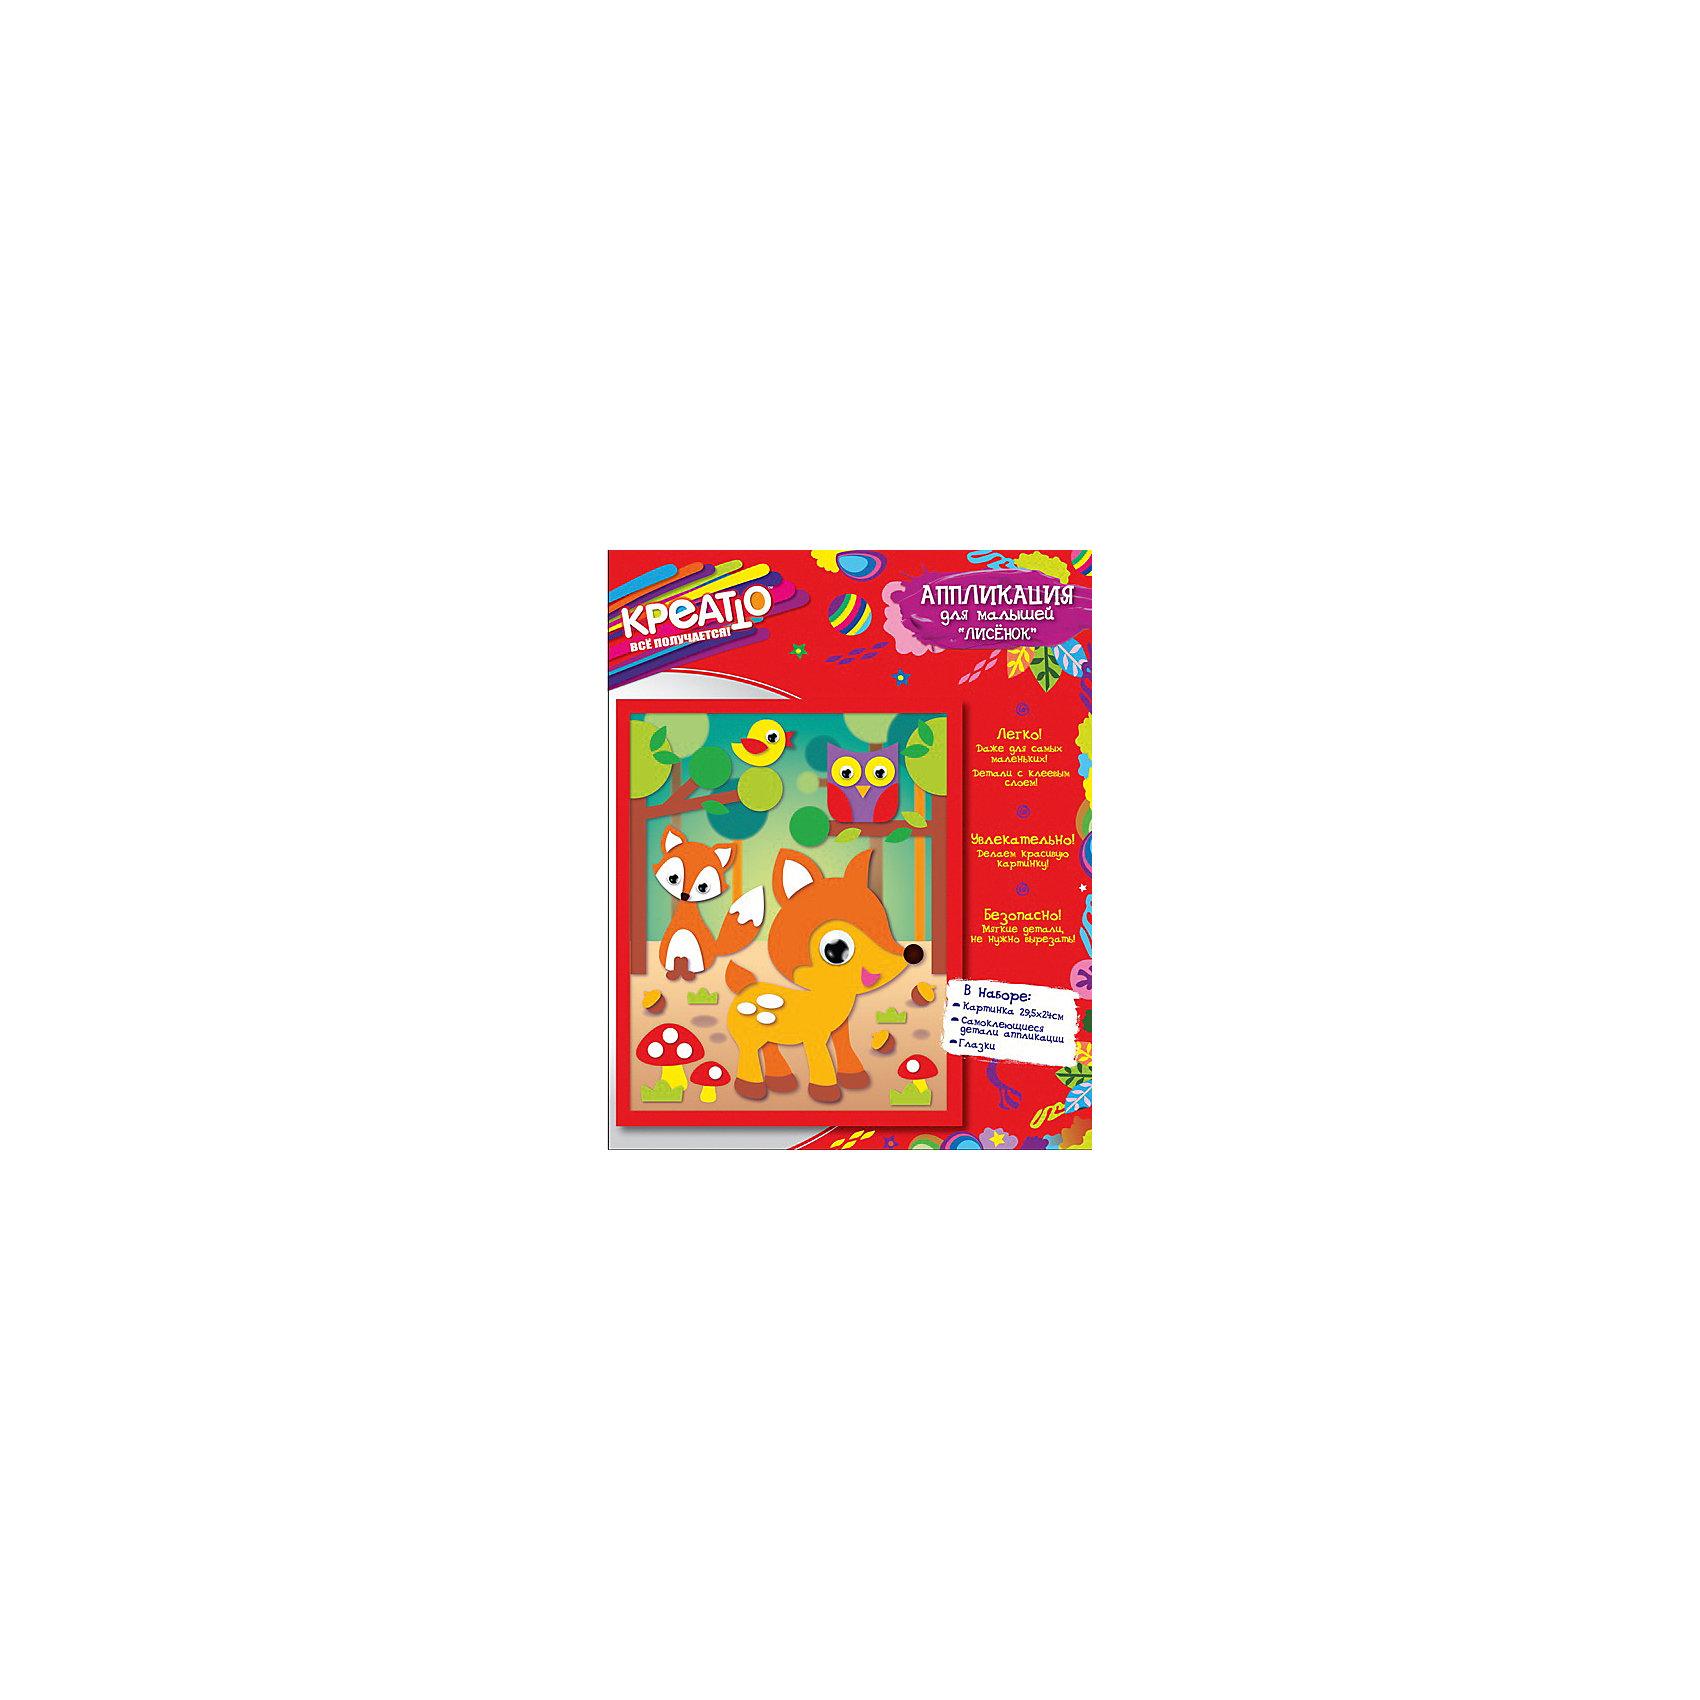 Аппликация Лисенок,  КреаттоРукоделие<br>Аппликация Лисенок, Креатто - увлекательный набор для детского творчества, который поможет Вашему ребенку без ножниц и клея сделать красивую картинку. Техника выполнения проста и доступна даже для самых маленьких: на картинку-основу уже нанесен цветной рисунок, нужно лишь аккуратно вклеить детали в контур согласно инструкции, а затем дополнить изображение вращающимися глазками. Детали аппликации созданы из мягкого, приятного на ощупь материала EVA на клеевой основе, легко приклеиваются и прочно держатся. Итогом работы станет красочная аппликация с изображением симпатичного лисенка. Работа с аппликацией развивает у ребенка цветовое восприятие, образно-логическое мышление, пространственное воображение, внимание и память.<br><br>Дополнительная информация:<br><br>- В комплекте: цветная картинка-основа, самоклеющиеся детали EVA, вращающиеся глазки.<br>- Размер картинки: 29,5 х 24 см.<br>- Вес: 94 гр.<br><br>Аппликацию Лисенок, Креатто, Росмэн, можно купить в нашем интернет-магазине.<br><br>Ширина мм: 295<br>Глубина мм: 240<br>Высота мм: 3<br>Вес г: 87<br>Возраст от месяцев: 36<br>Возраст до месяцев: 72<br>Пол: Унисекс<br>Возраст: Детский<br>SKU: 4408736